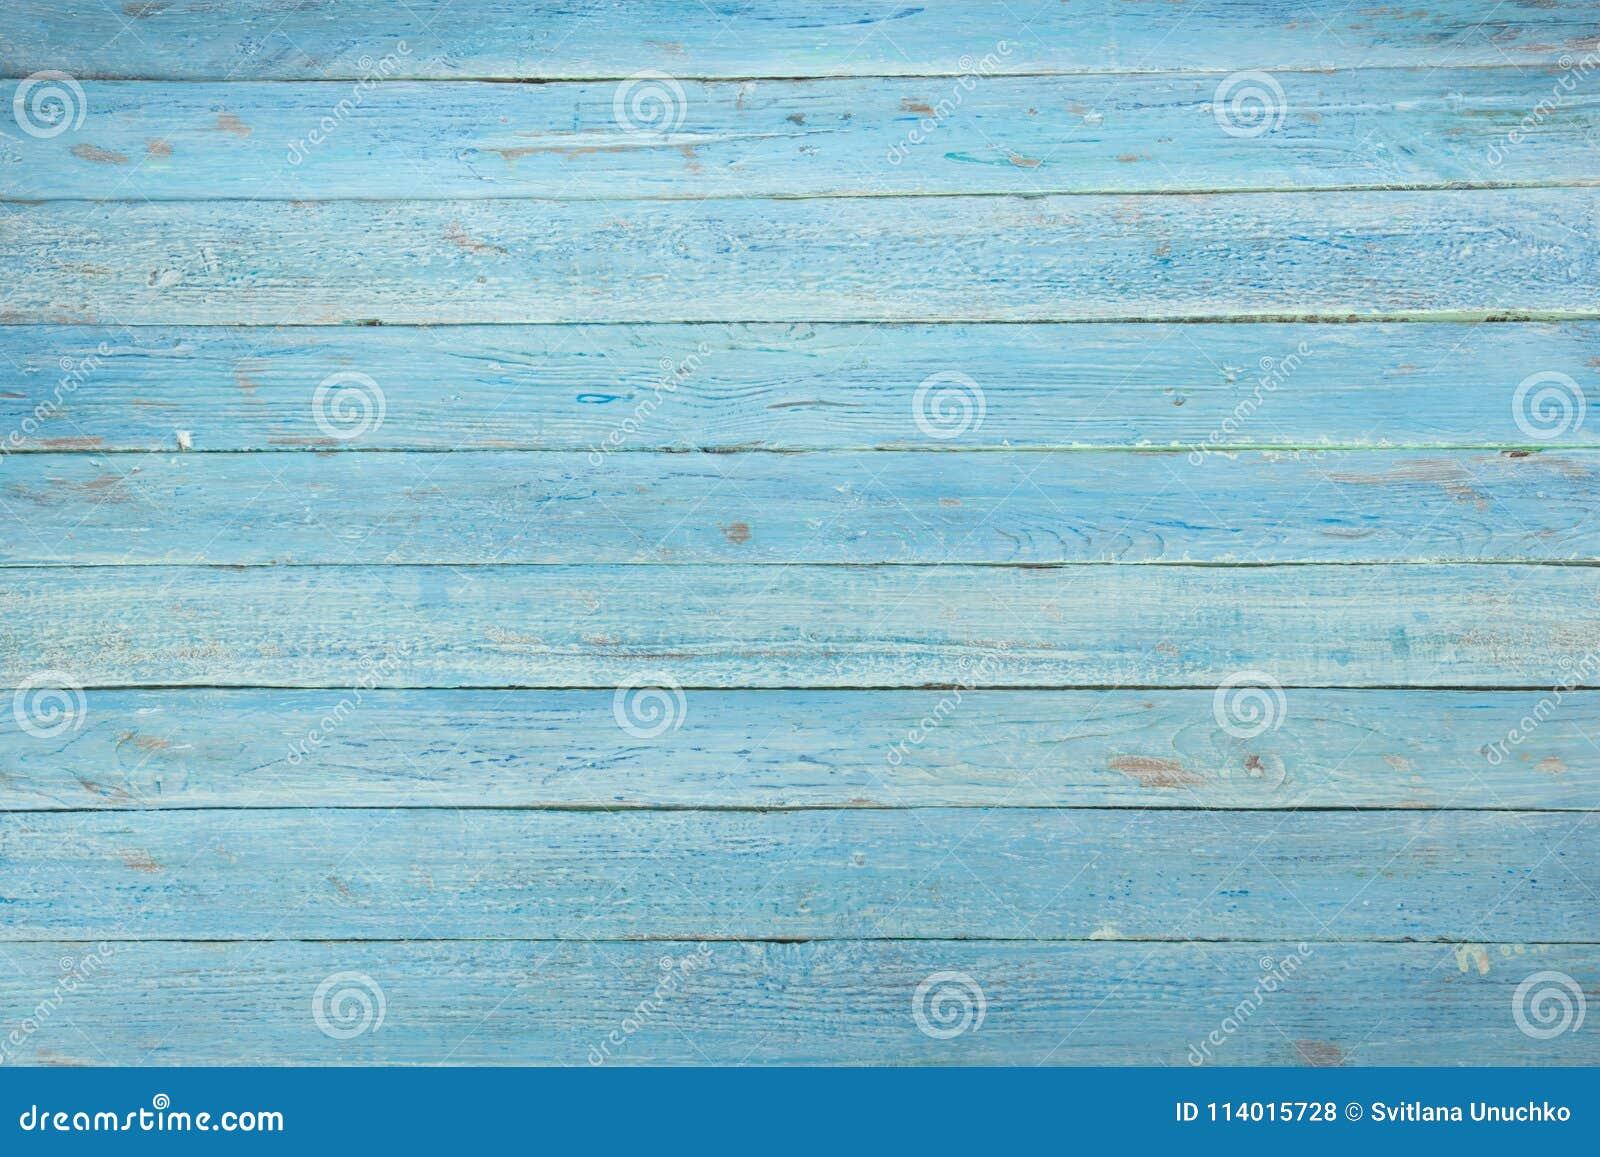 För kupatextur för bakgrund brunt trä Ädelträ wood korn, grungestil för organiskt material bästa sikt för blå träyttersida table